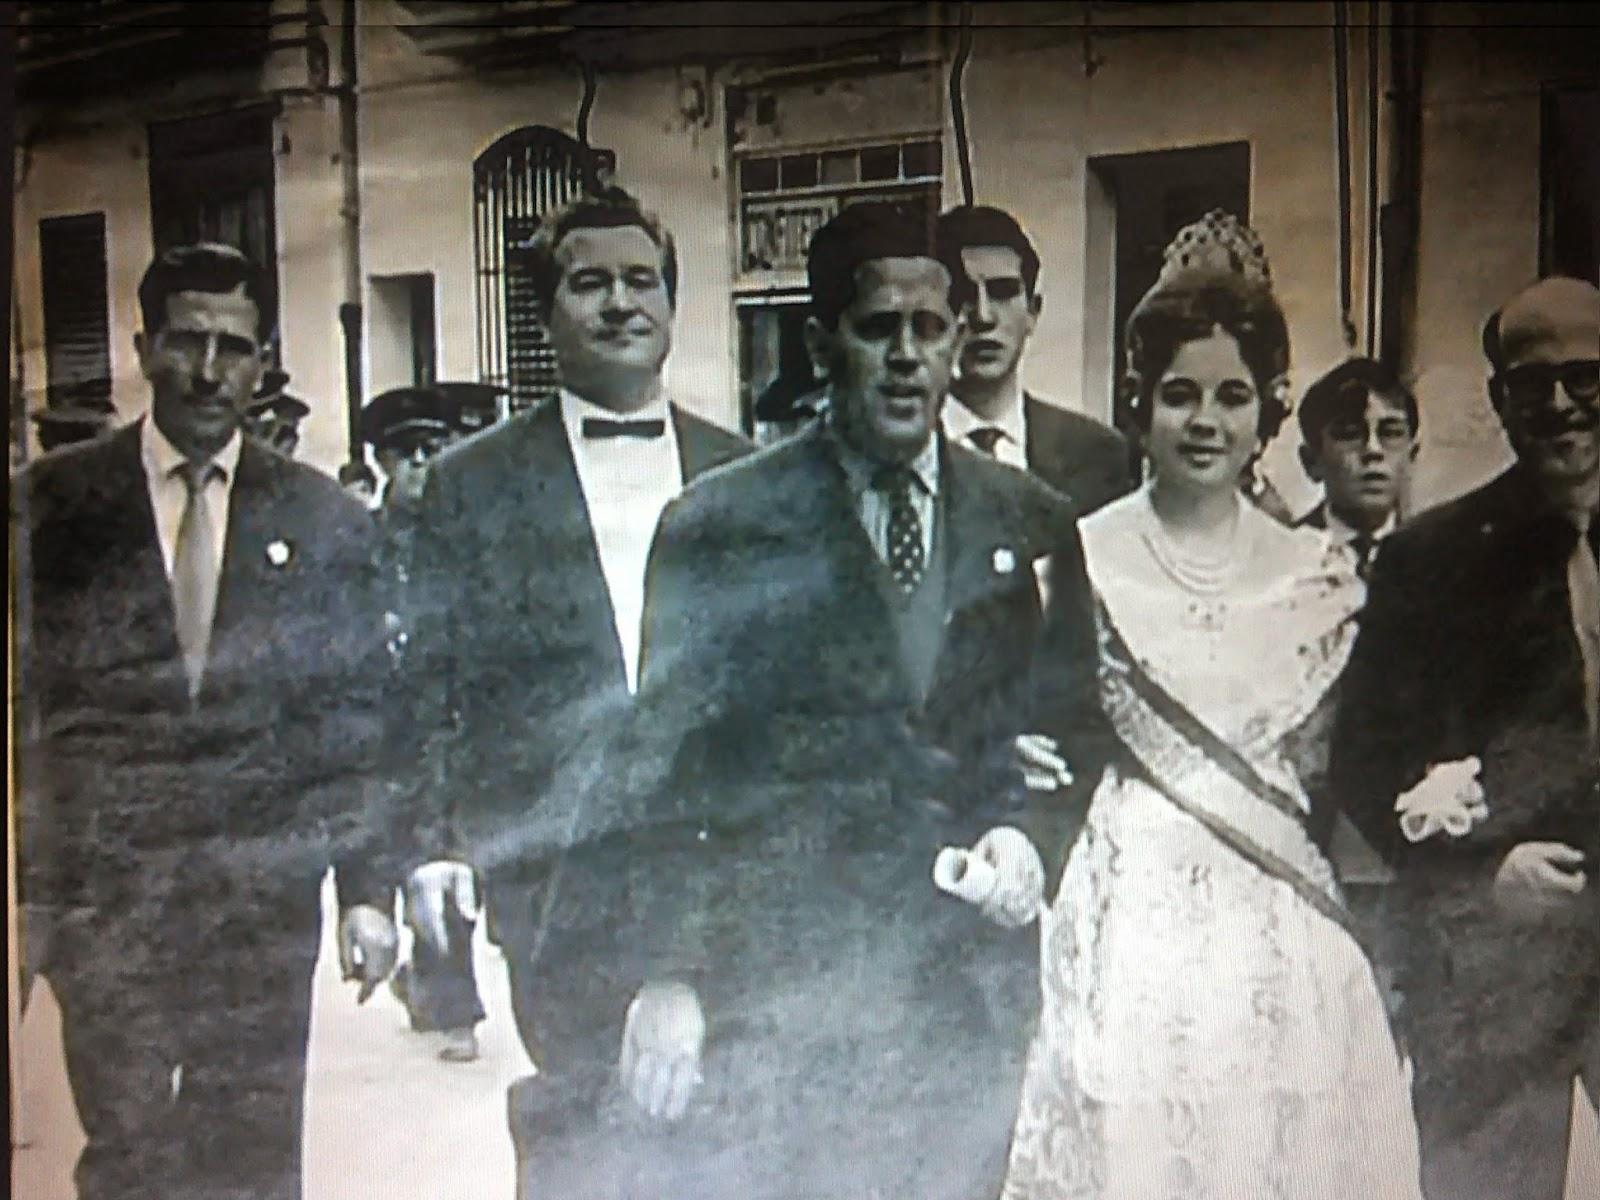 Segundo a la izquierda, nuestro protagonista. Fuente: http://jotamartinezarribas.blogspot.com.es/